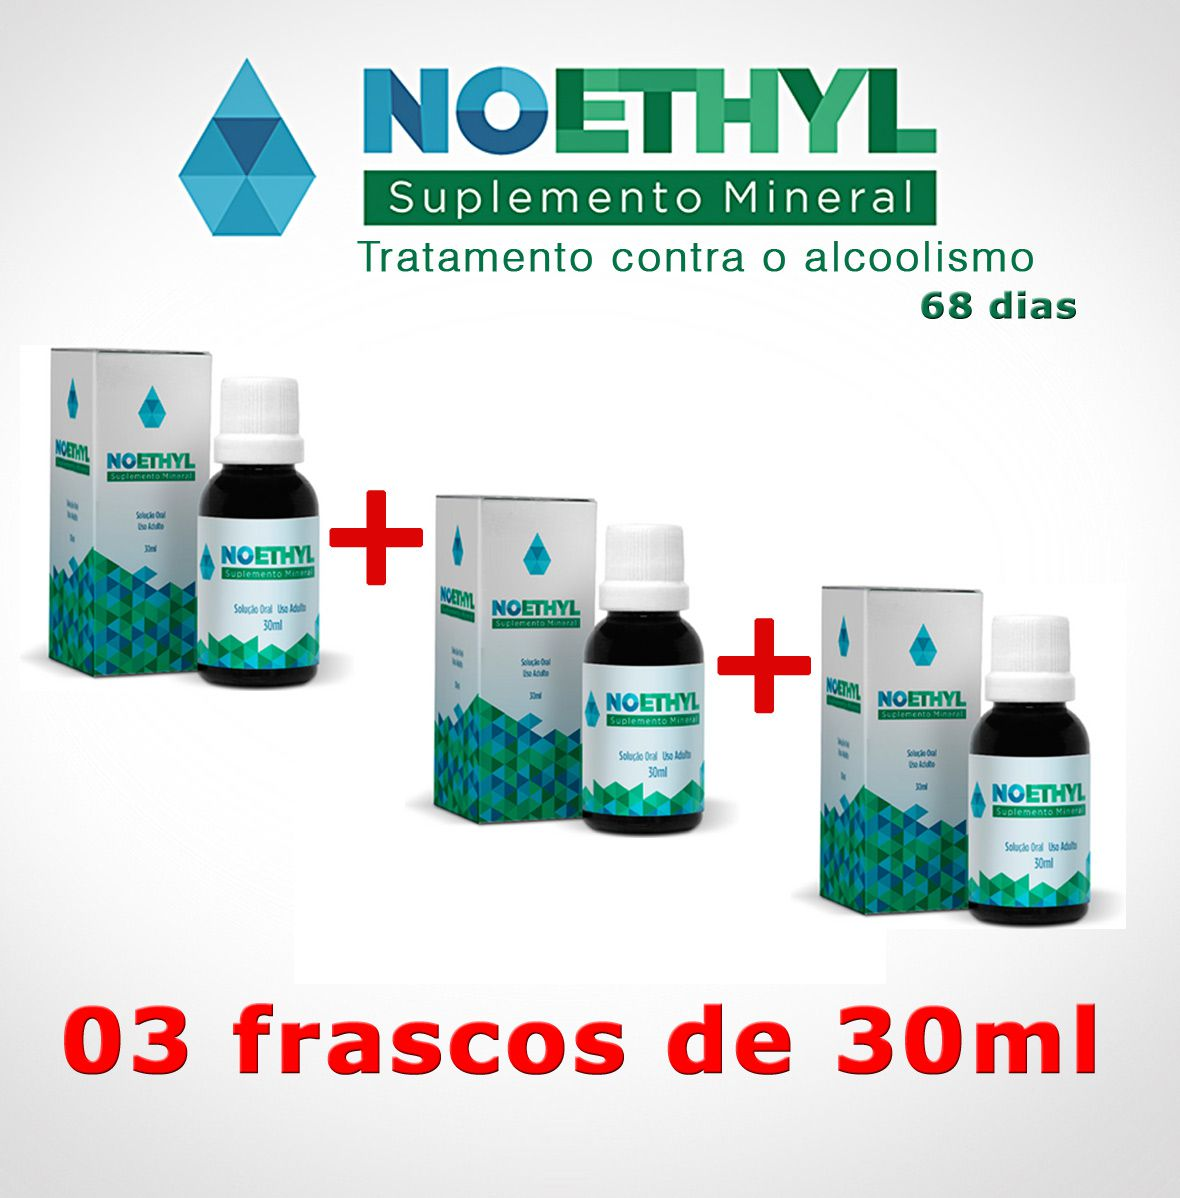 Anti-alcool NOETHYL 03 frascos  - Prevenção e Saúde